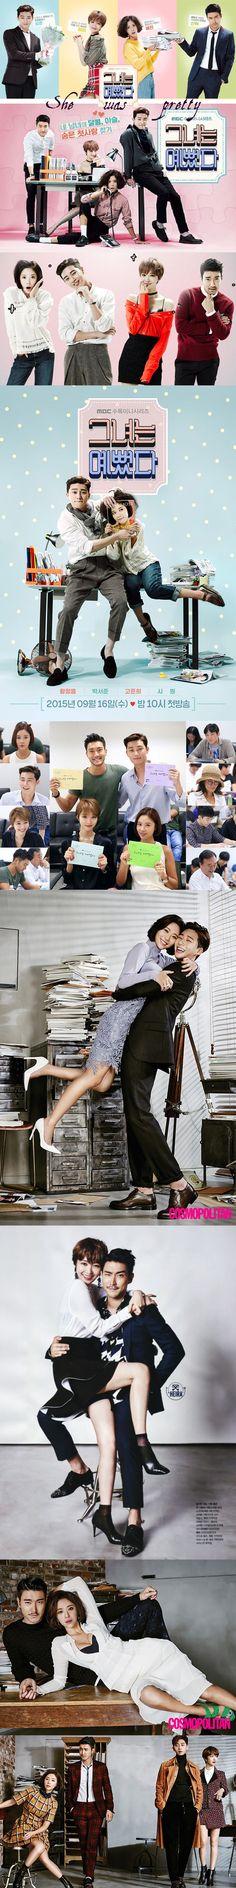 She Was Pretty (그녀는 예뻤다) 2015 kdrama - 16 episodes - Hwang Jung Eum / Park Seo Joon / Go Joon Hee / Choi Si Won